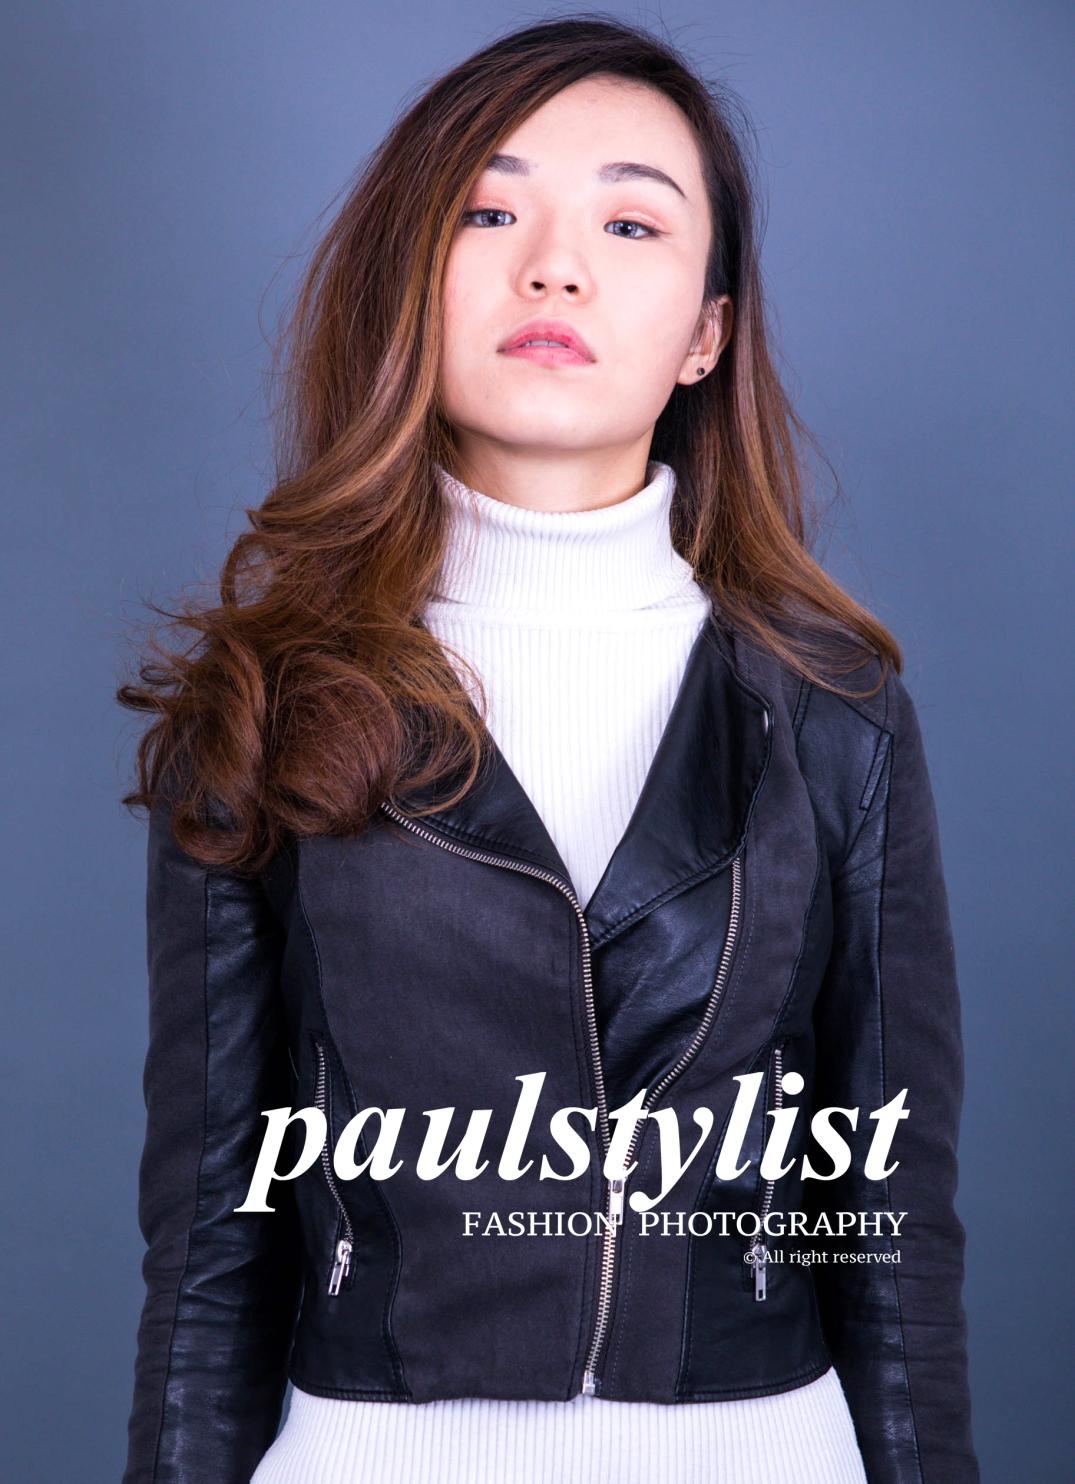 時裝服裝攝影 fashion Photography paulstylist_Zifonia-13b.jpg